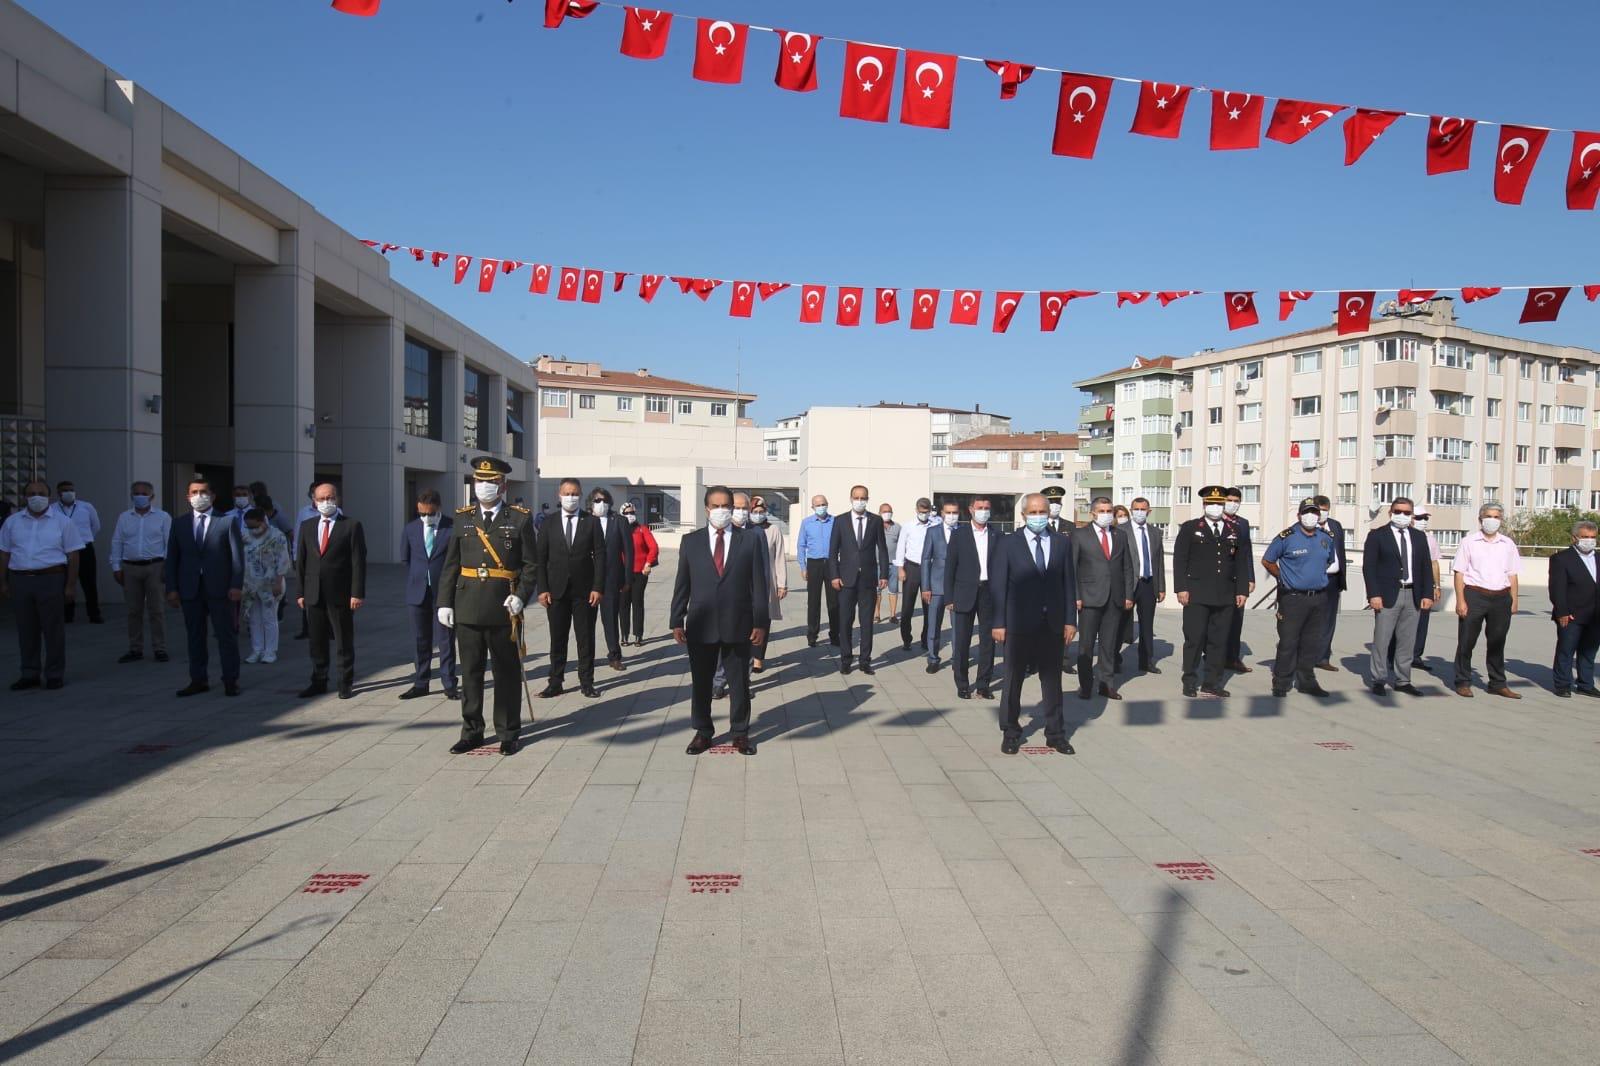 Gebze'de 30 Ağustos Zafer Bayramı törenleri